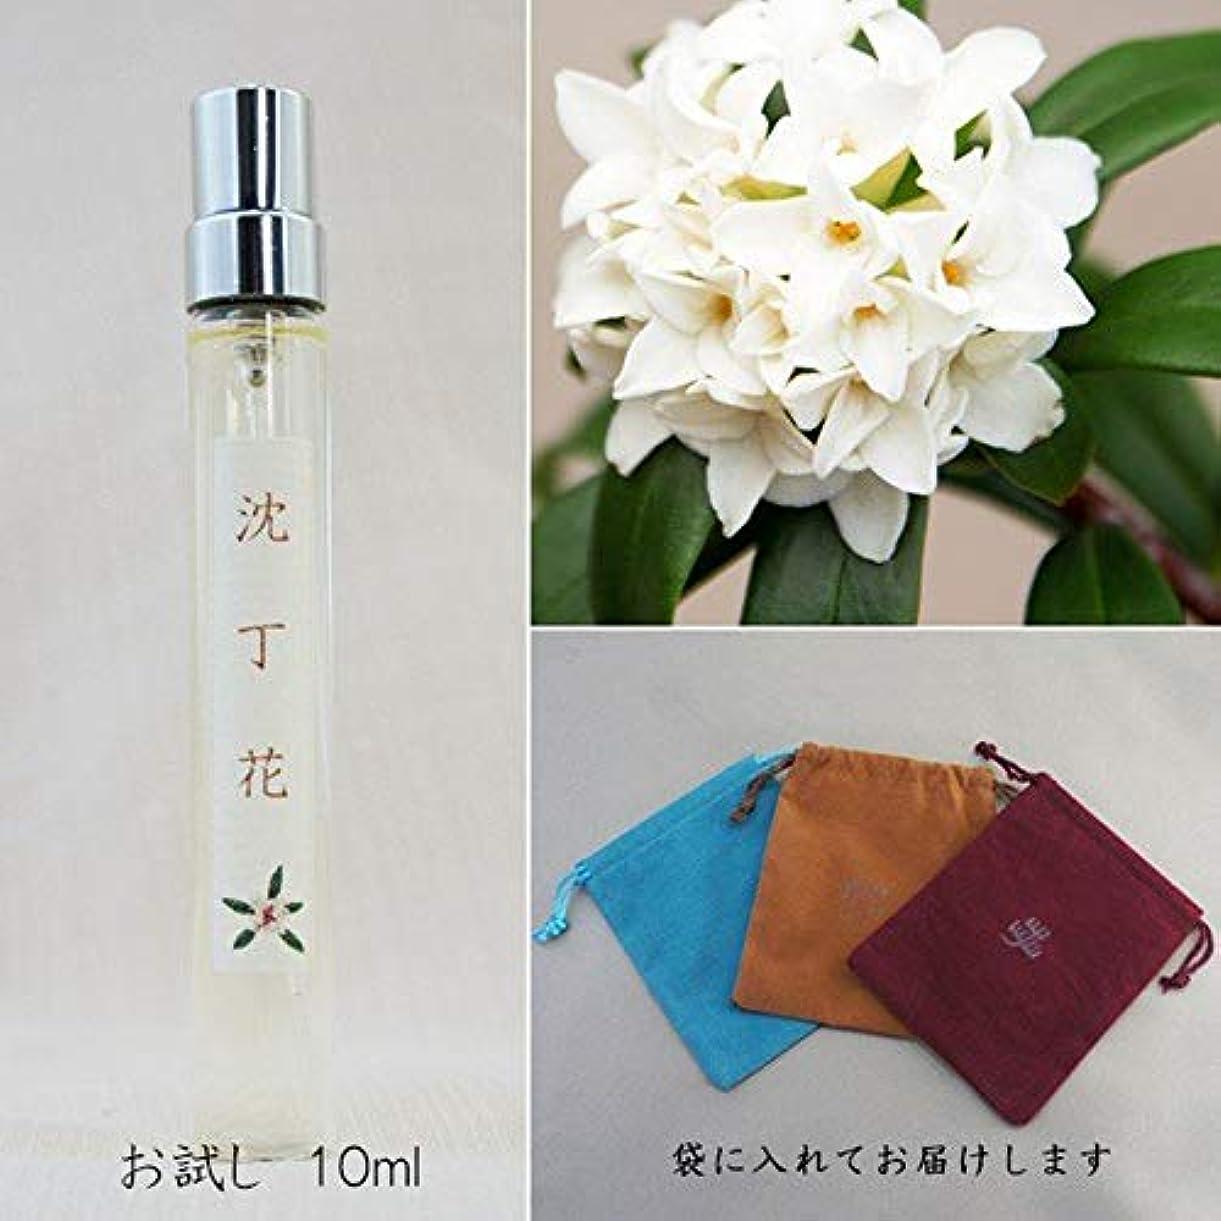 縫う特権的雪の和香水「三大香木シリーズ」10ml (沈丁花)